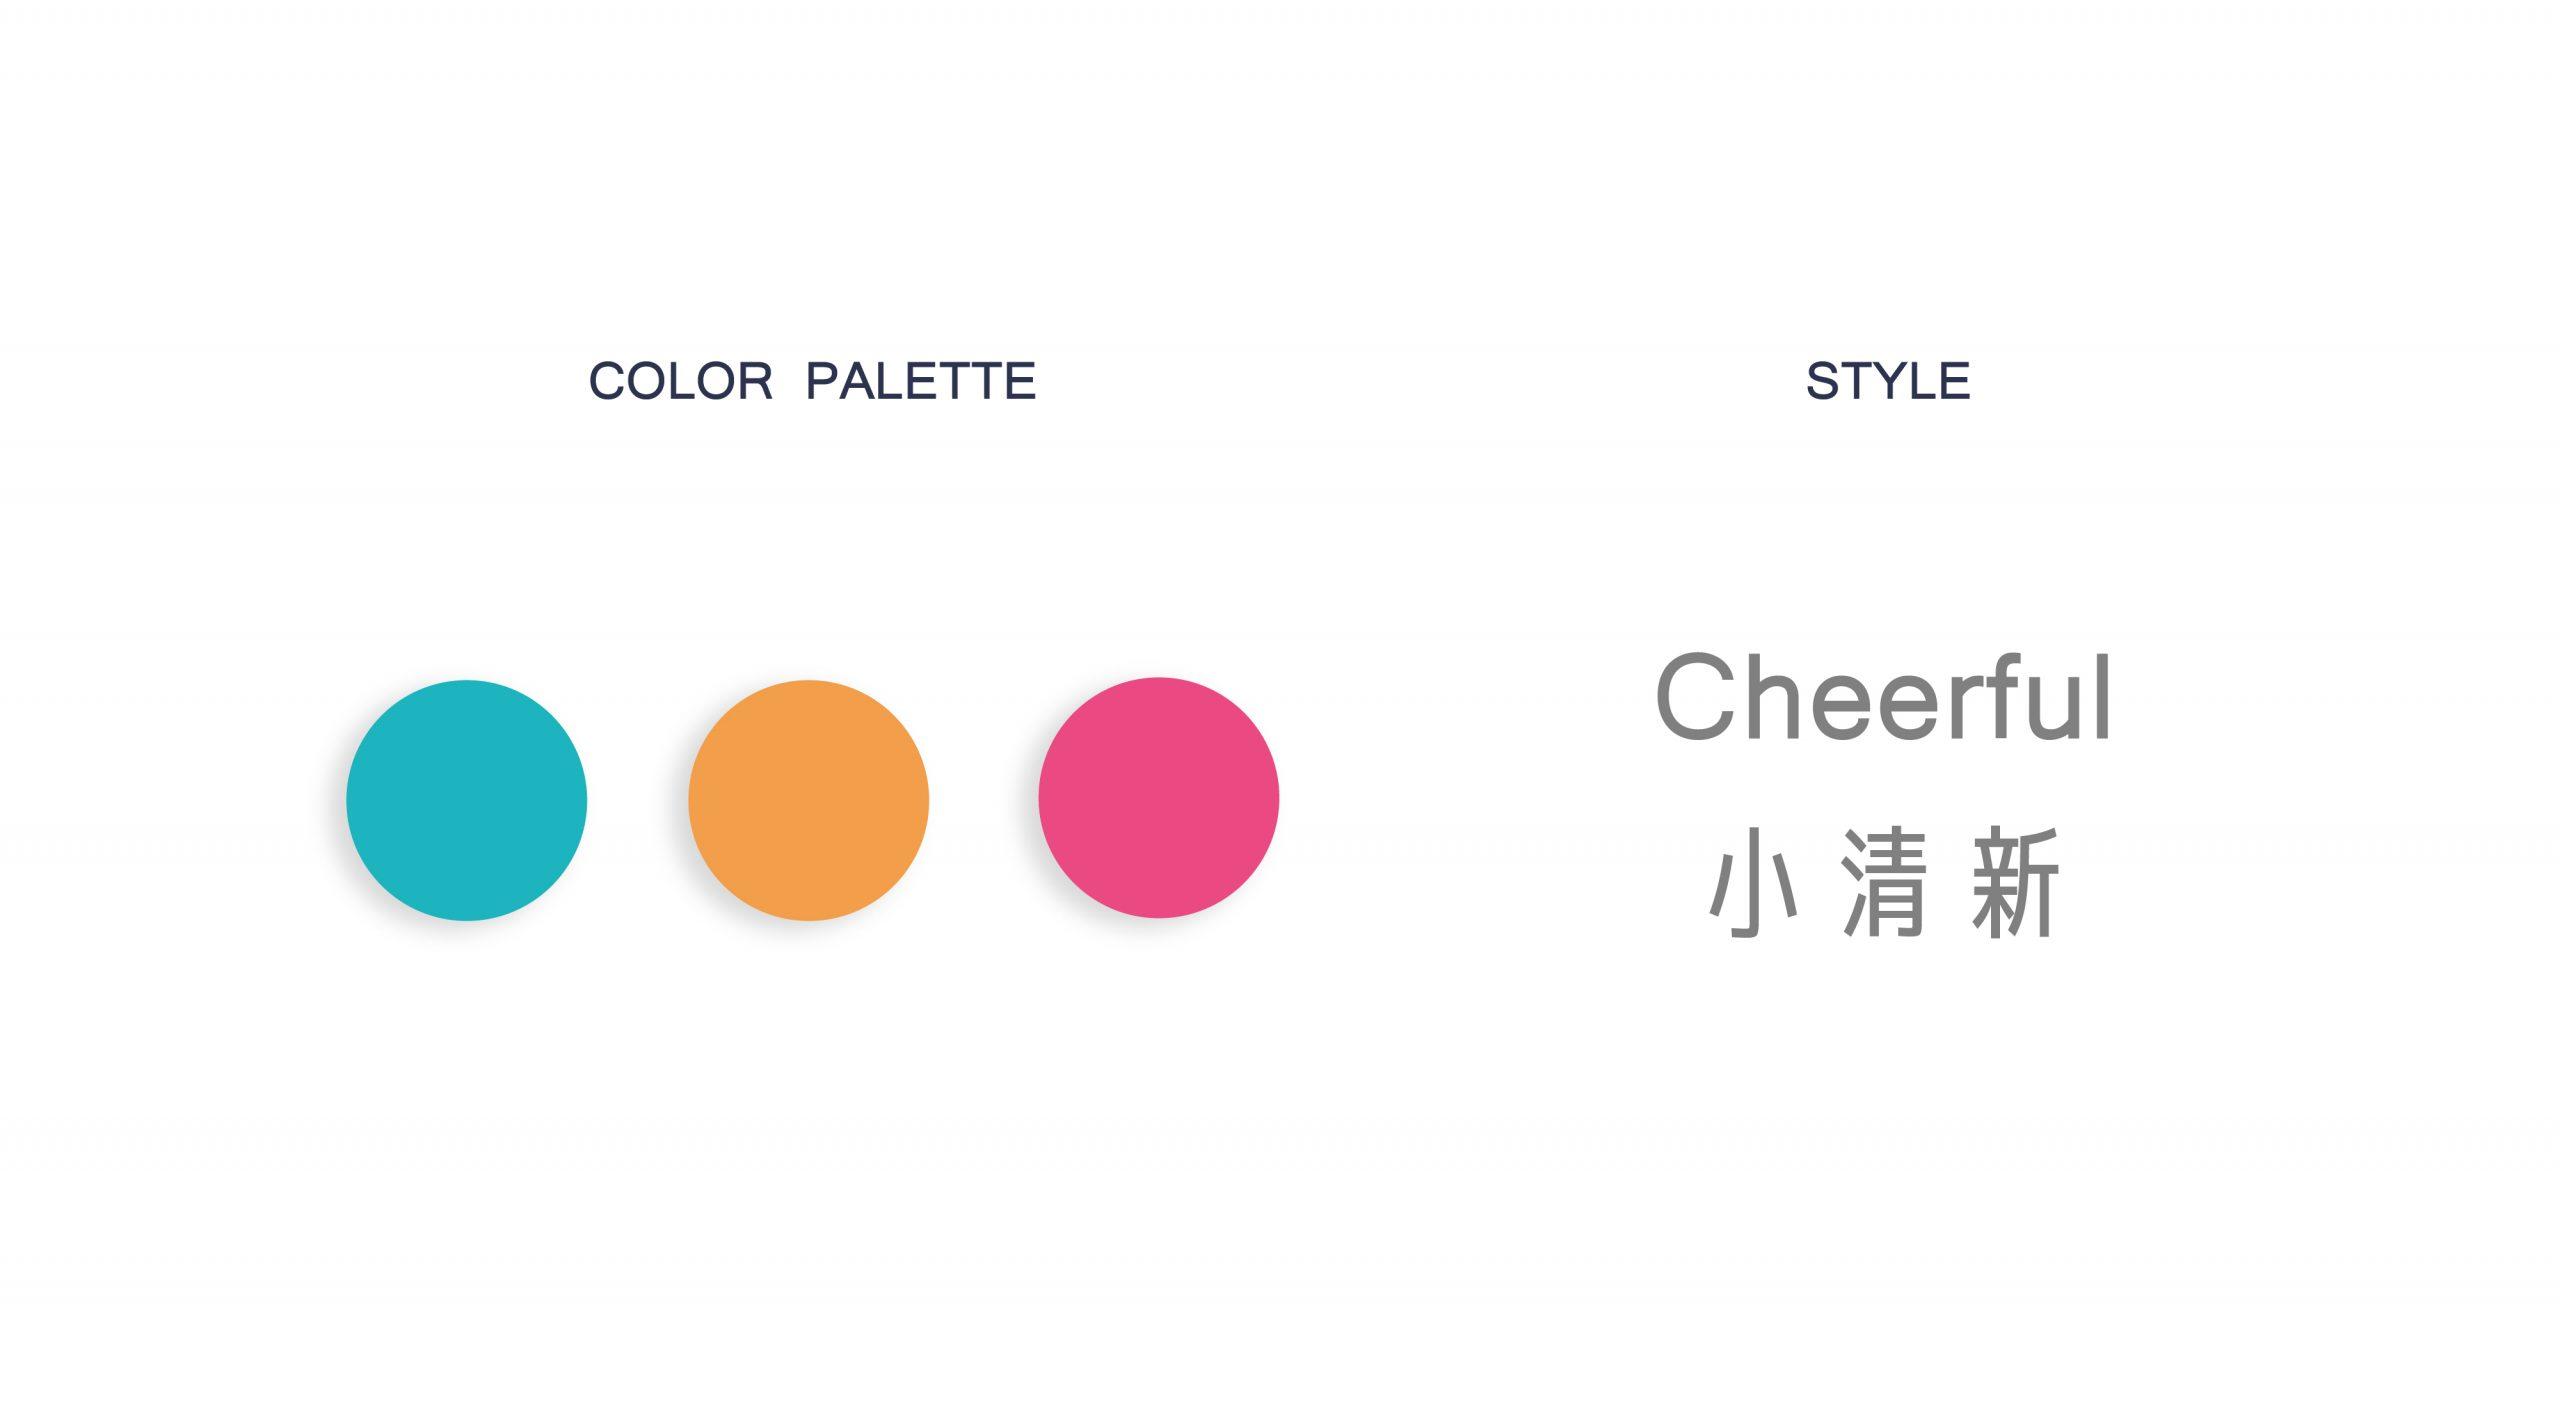 _官網_portfolio更新_0106-19-scaled.jpg